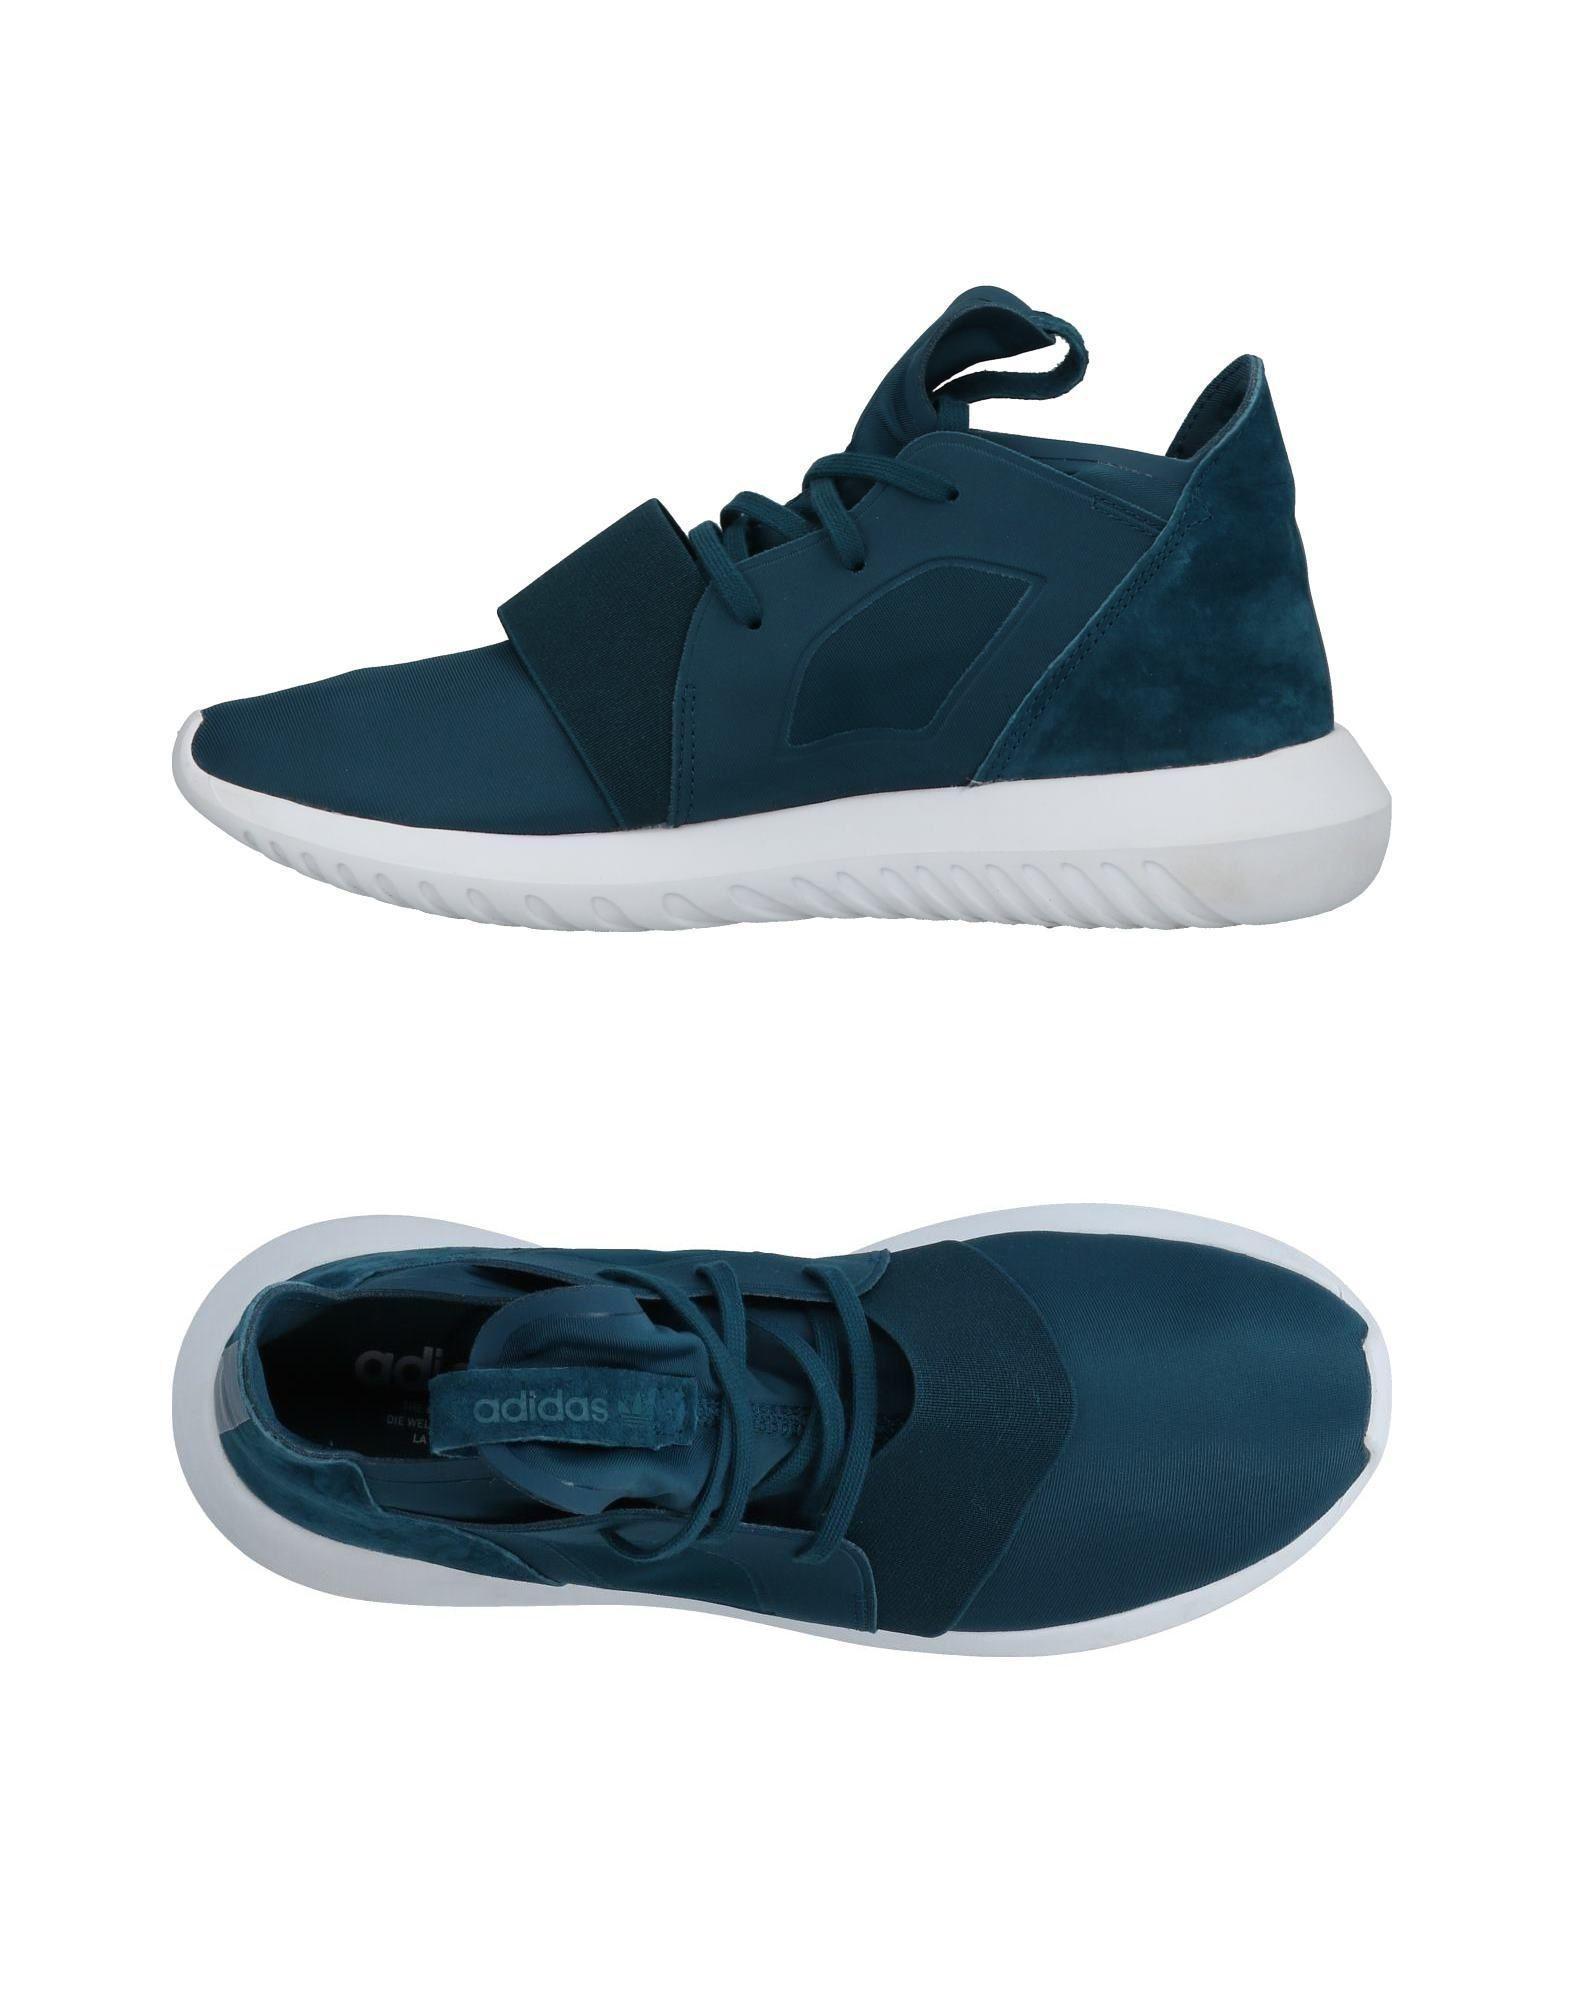 Adidas Originals In Deep Jade